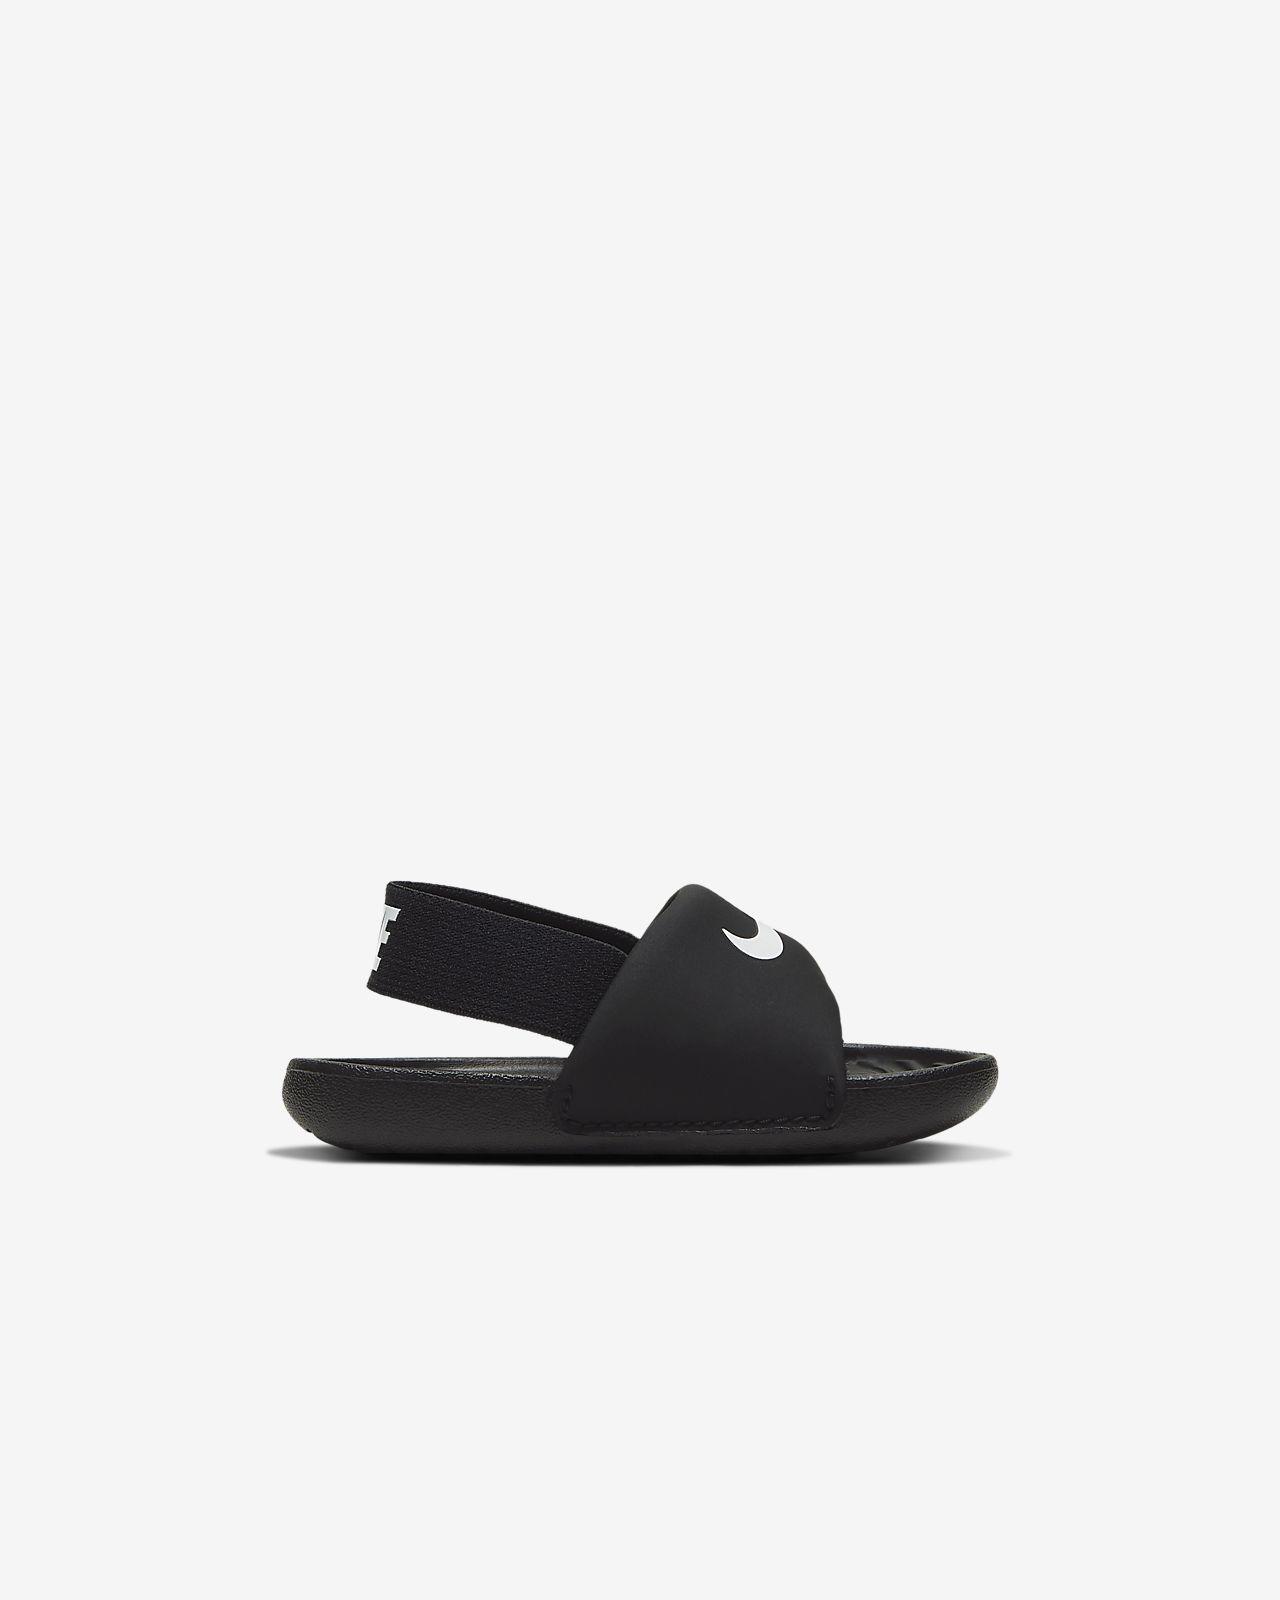 Kinder Sandalen und Slides. Nike DE